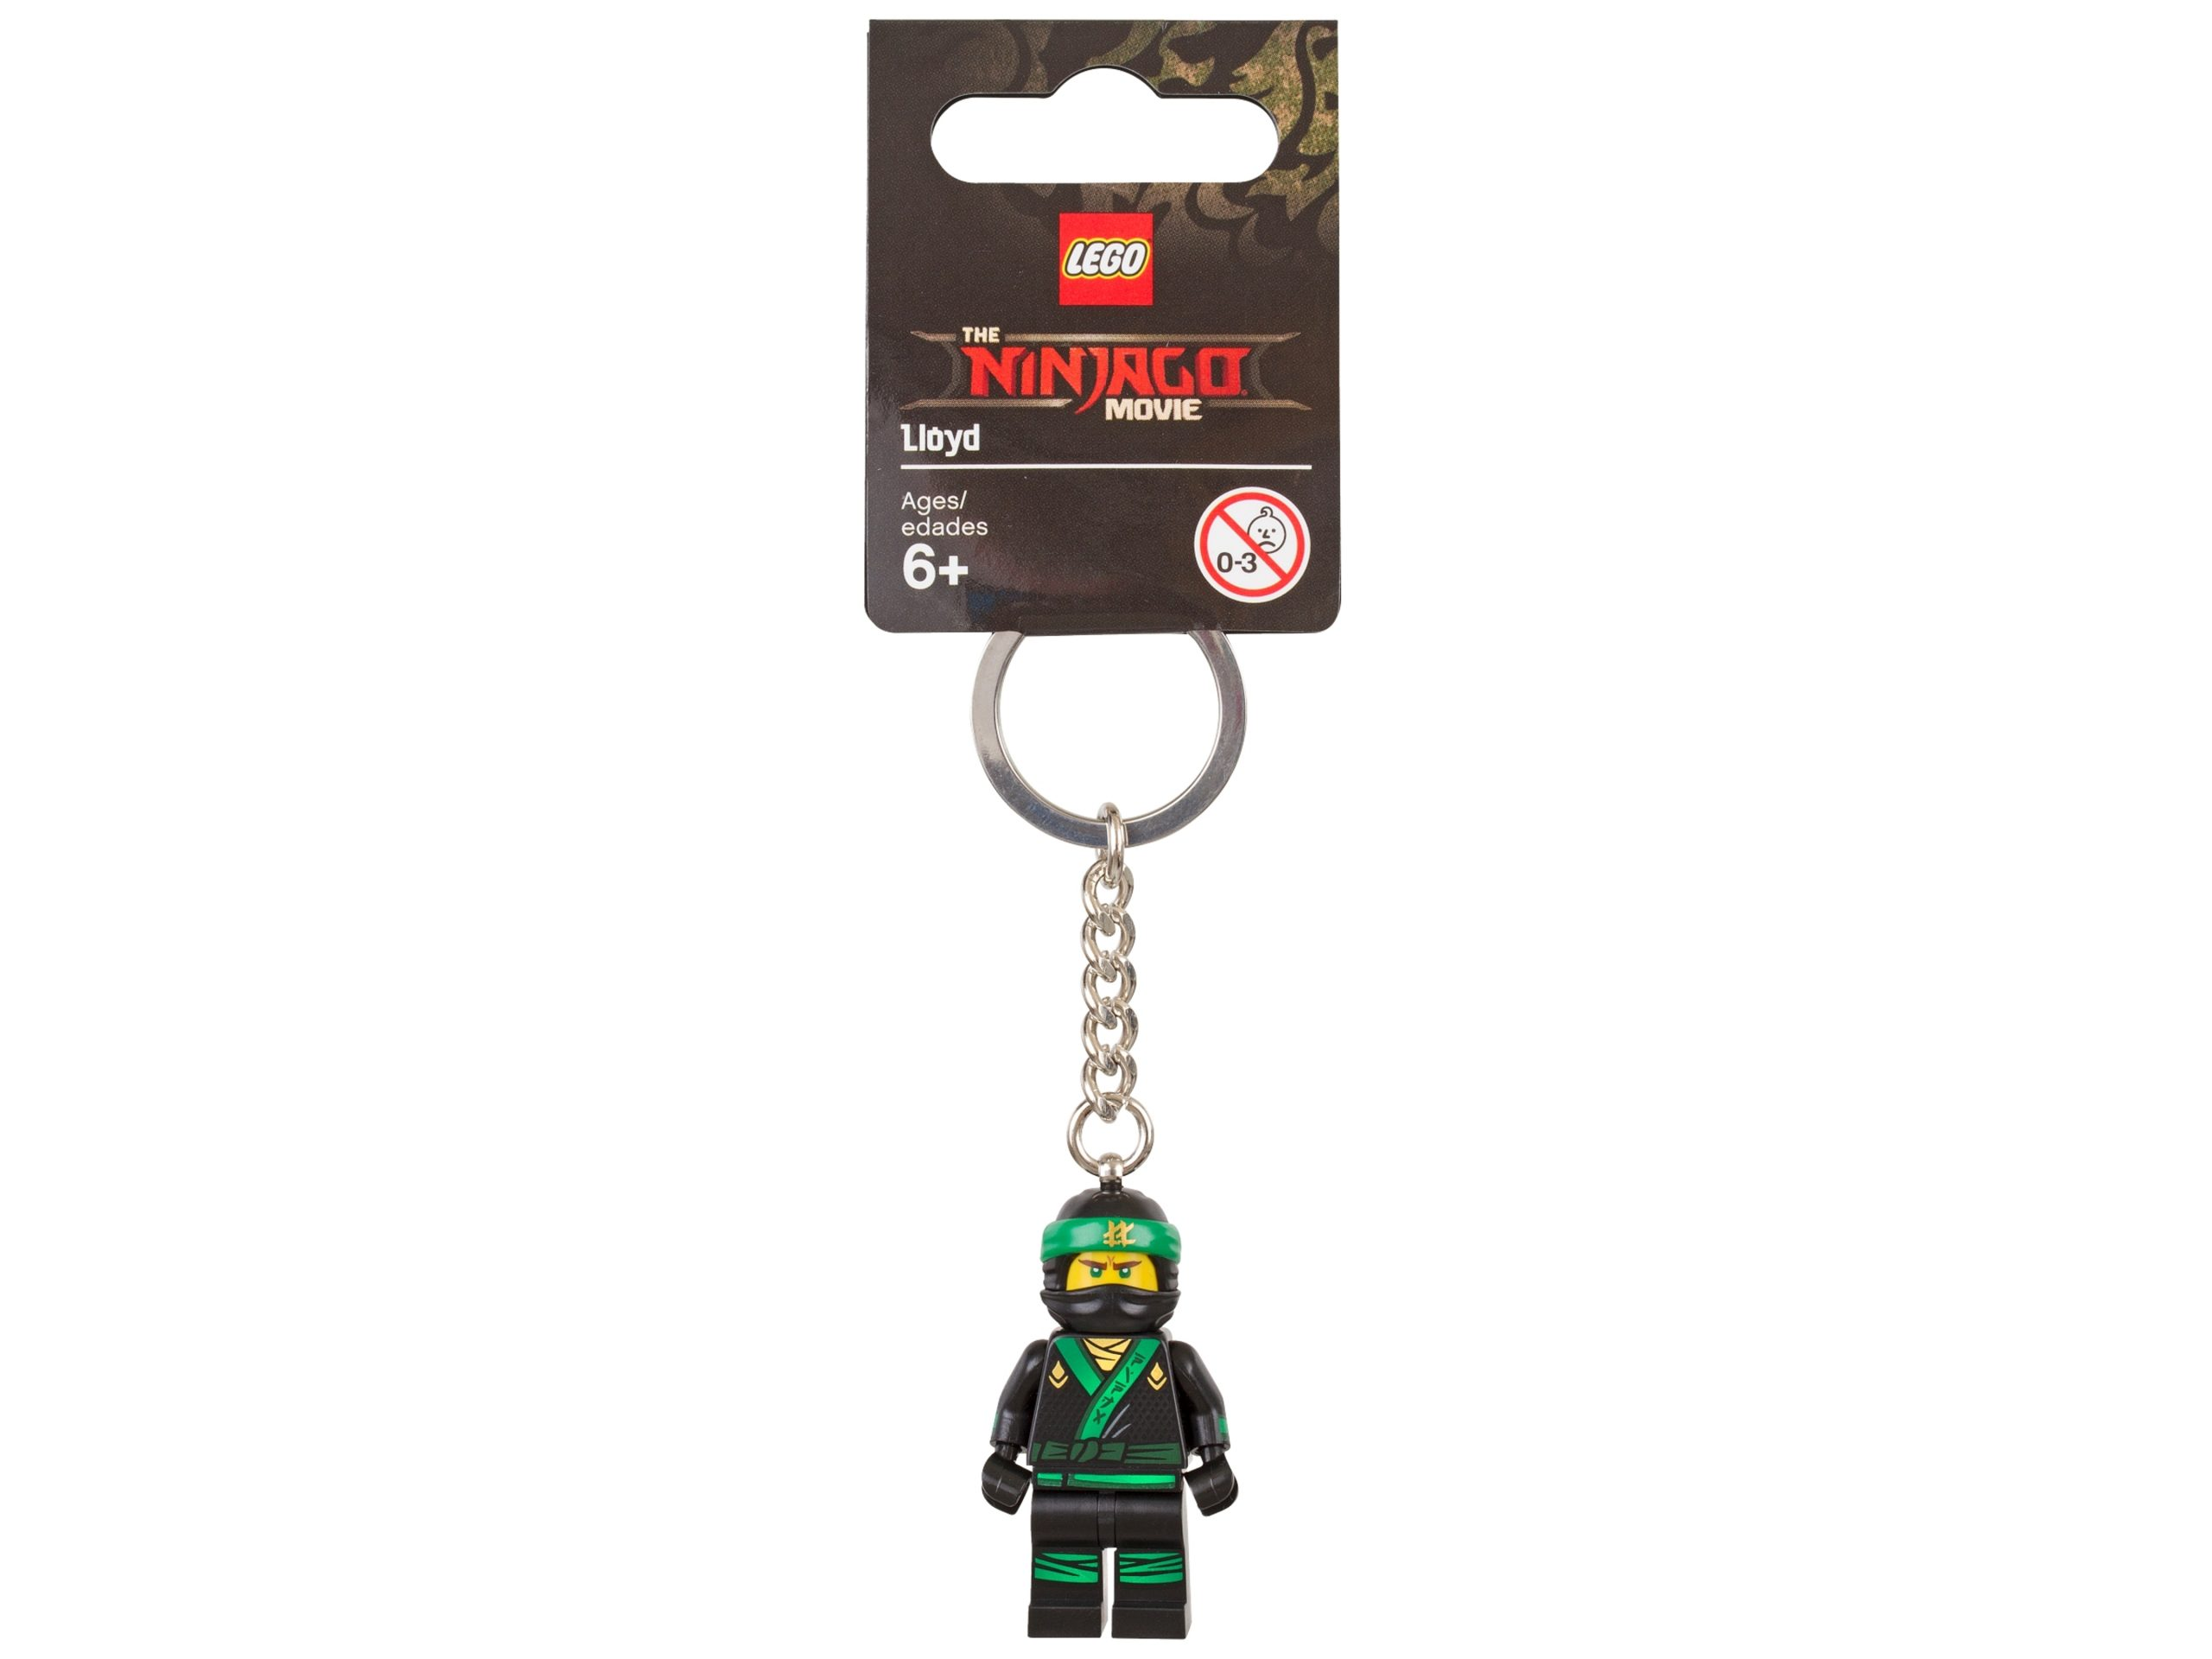 lego 853698 ninjago movie lloyd key chain scaled